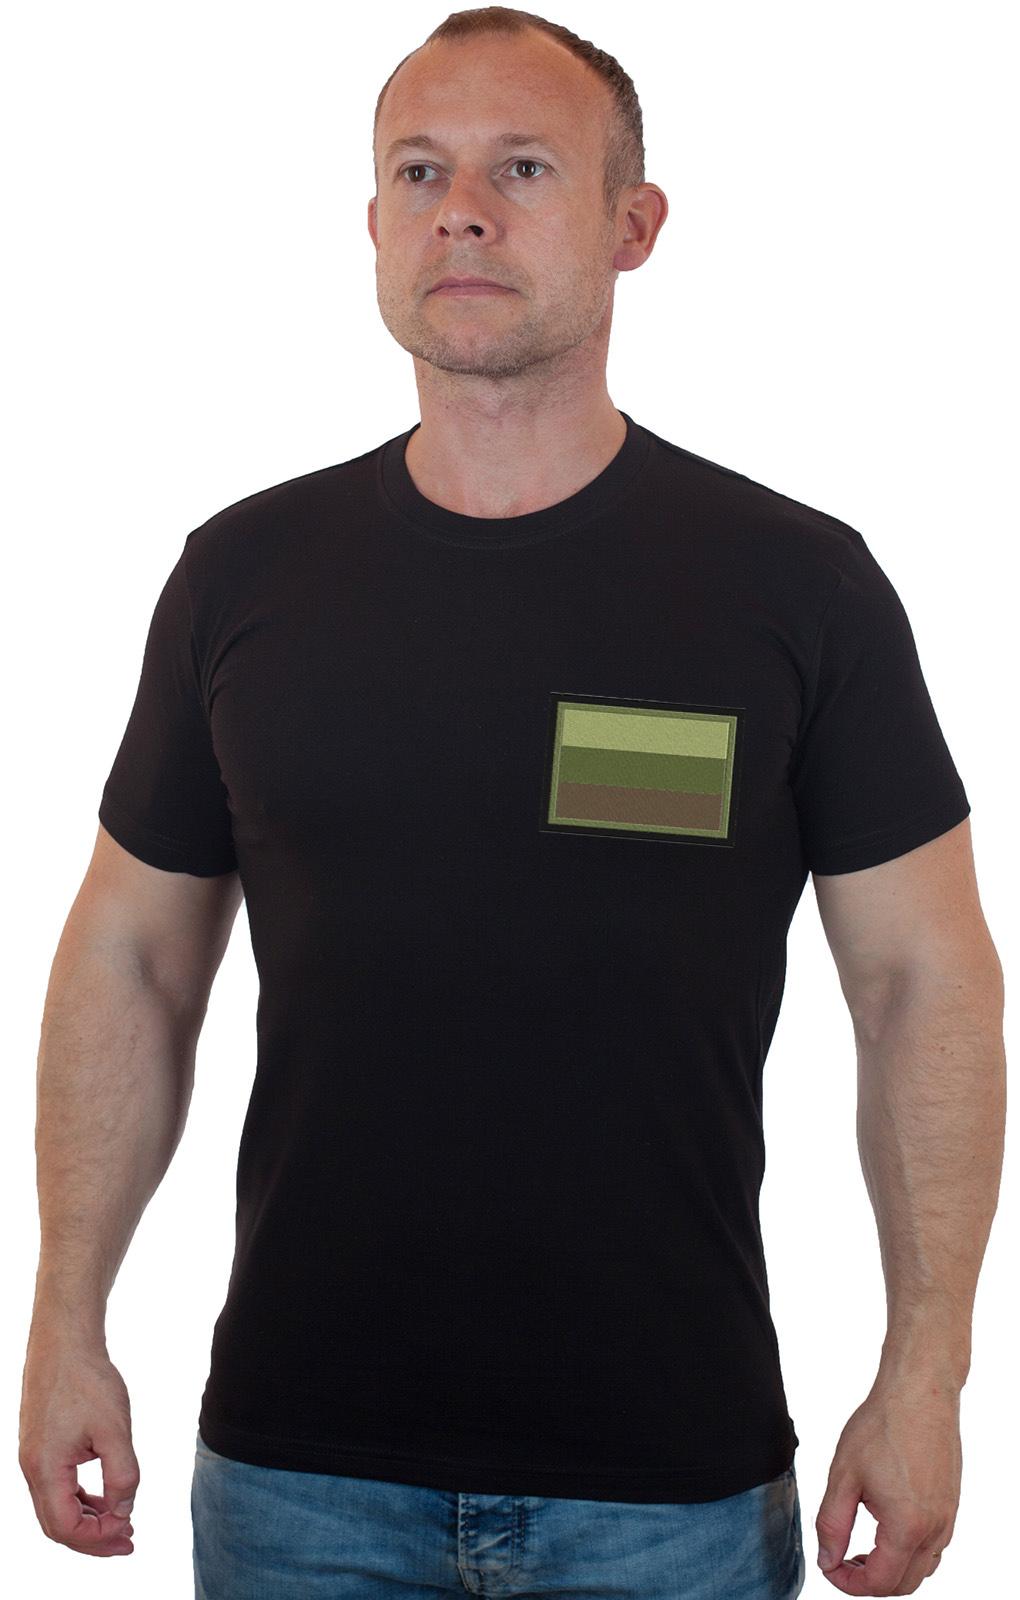 Хлопковая черная футболка с флагом России